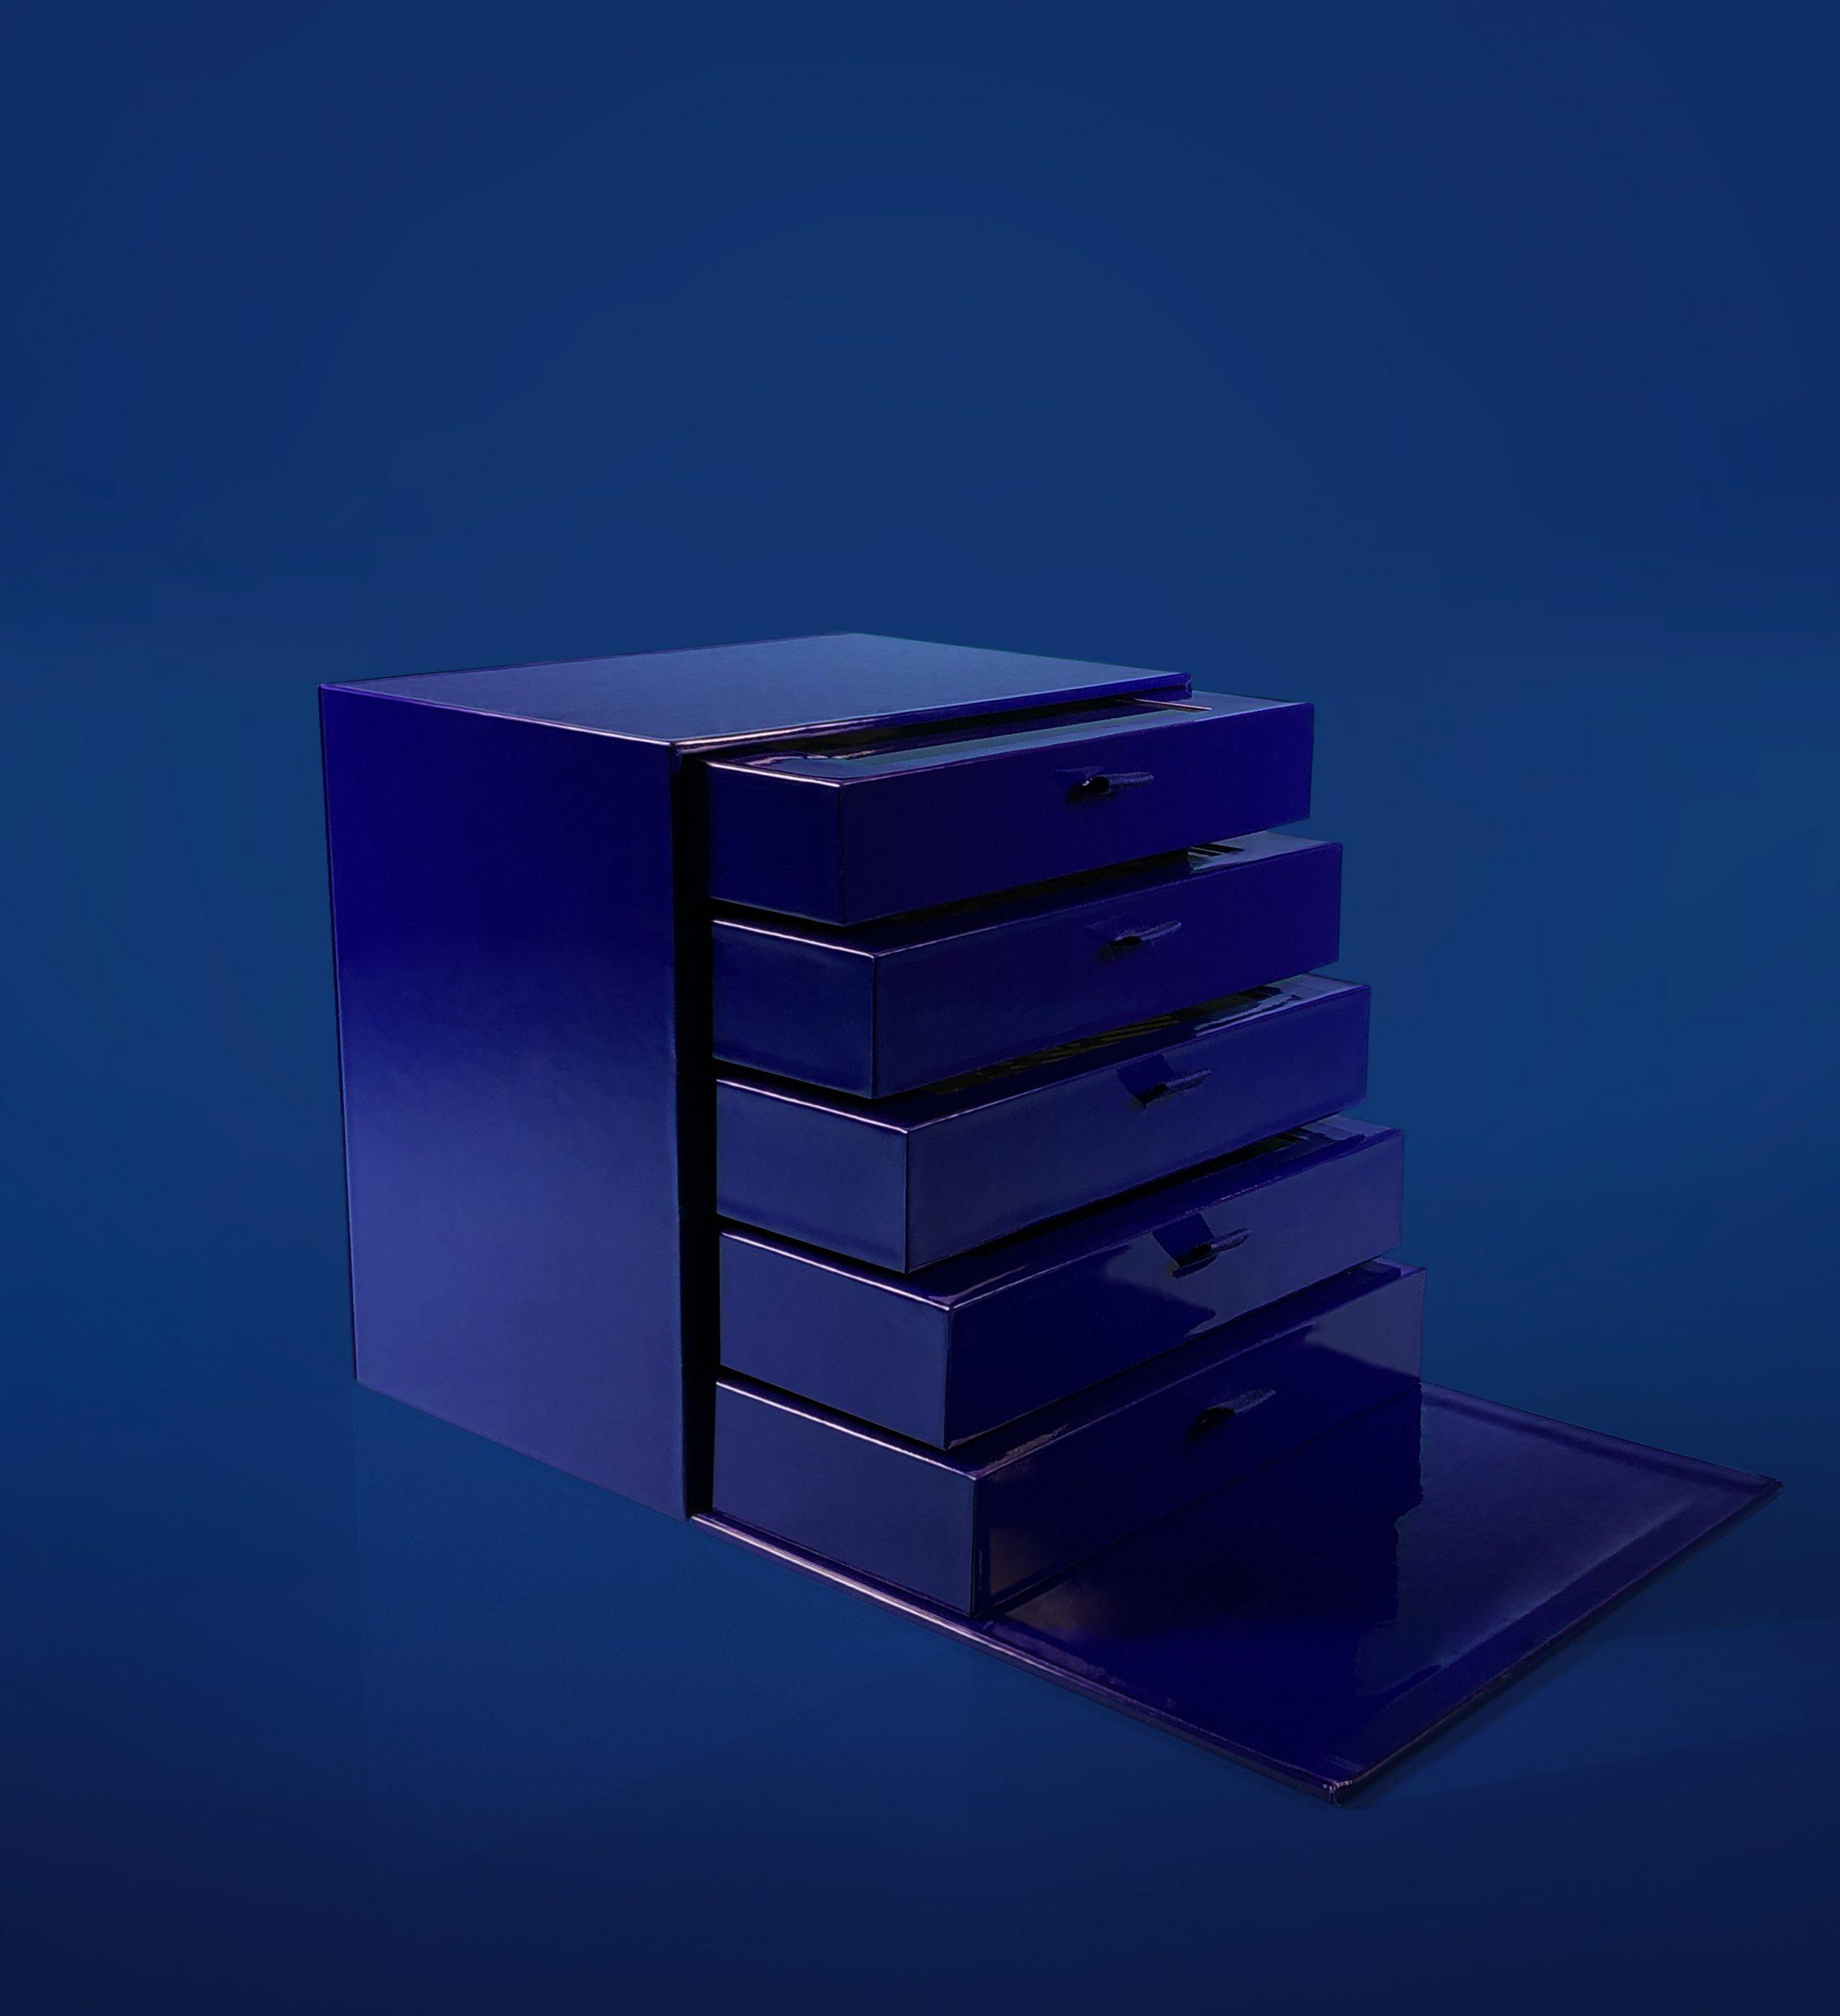 ANA_Box_edits_stepped_01.20.20_v2